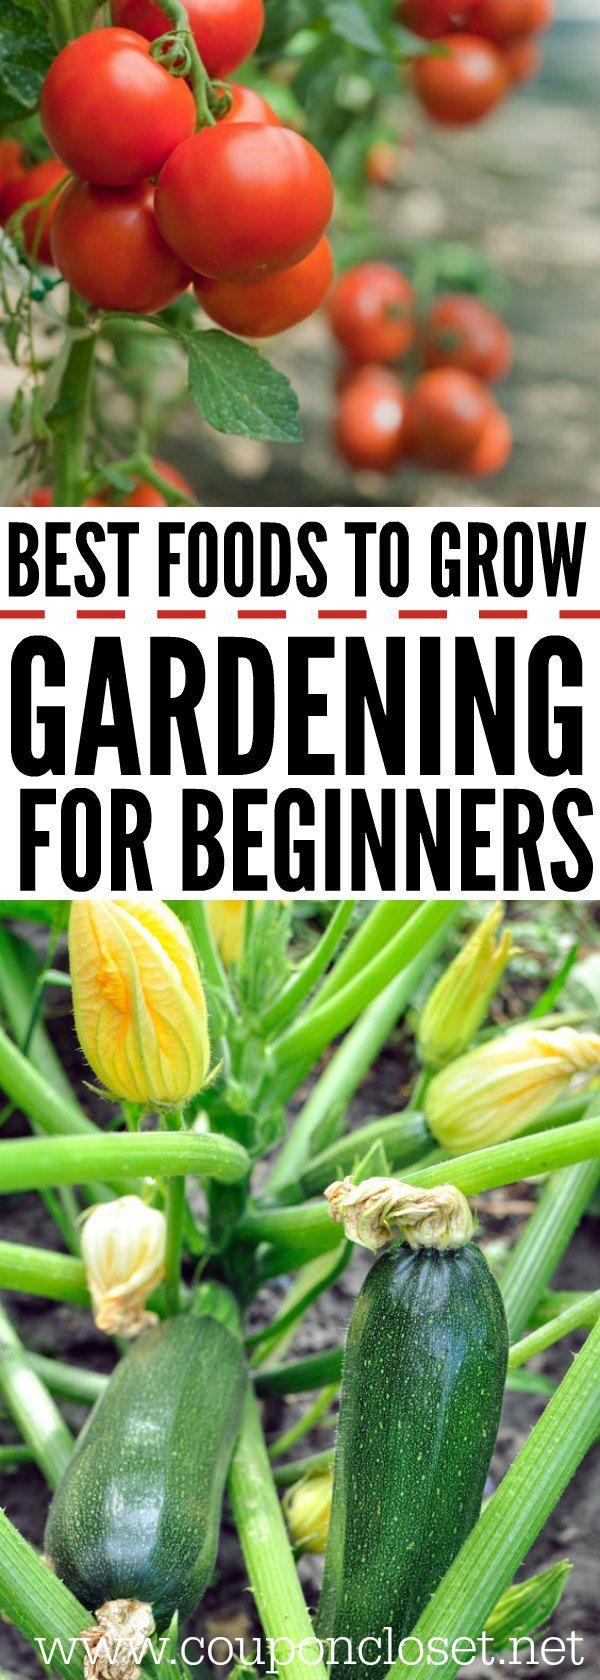 22 garden diy how to grow ideas